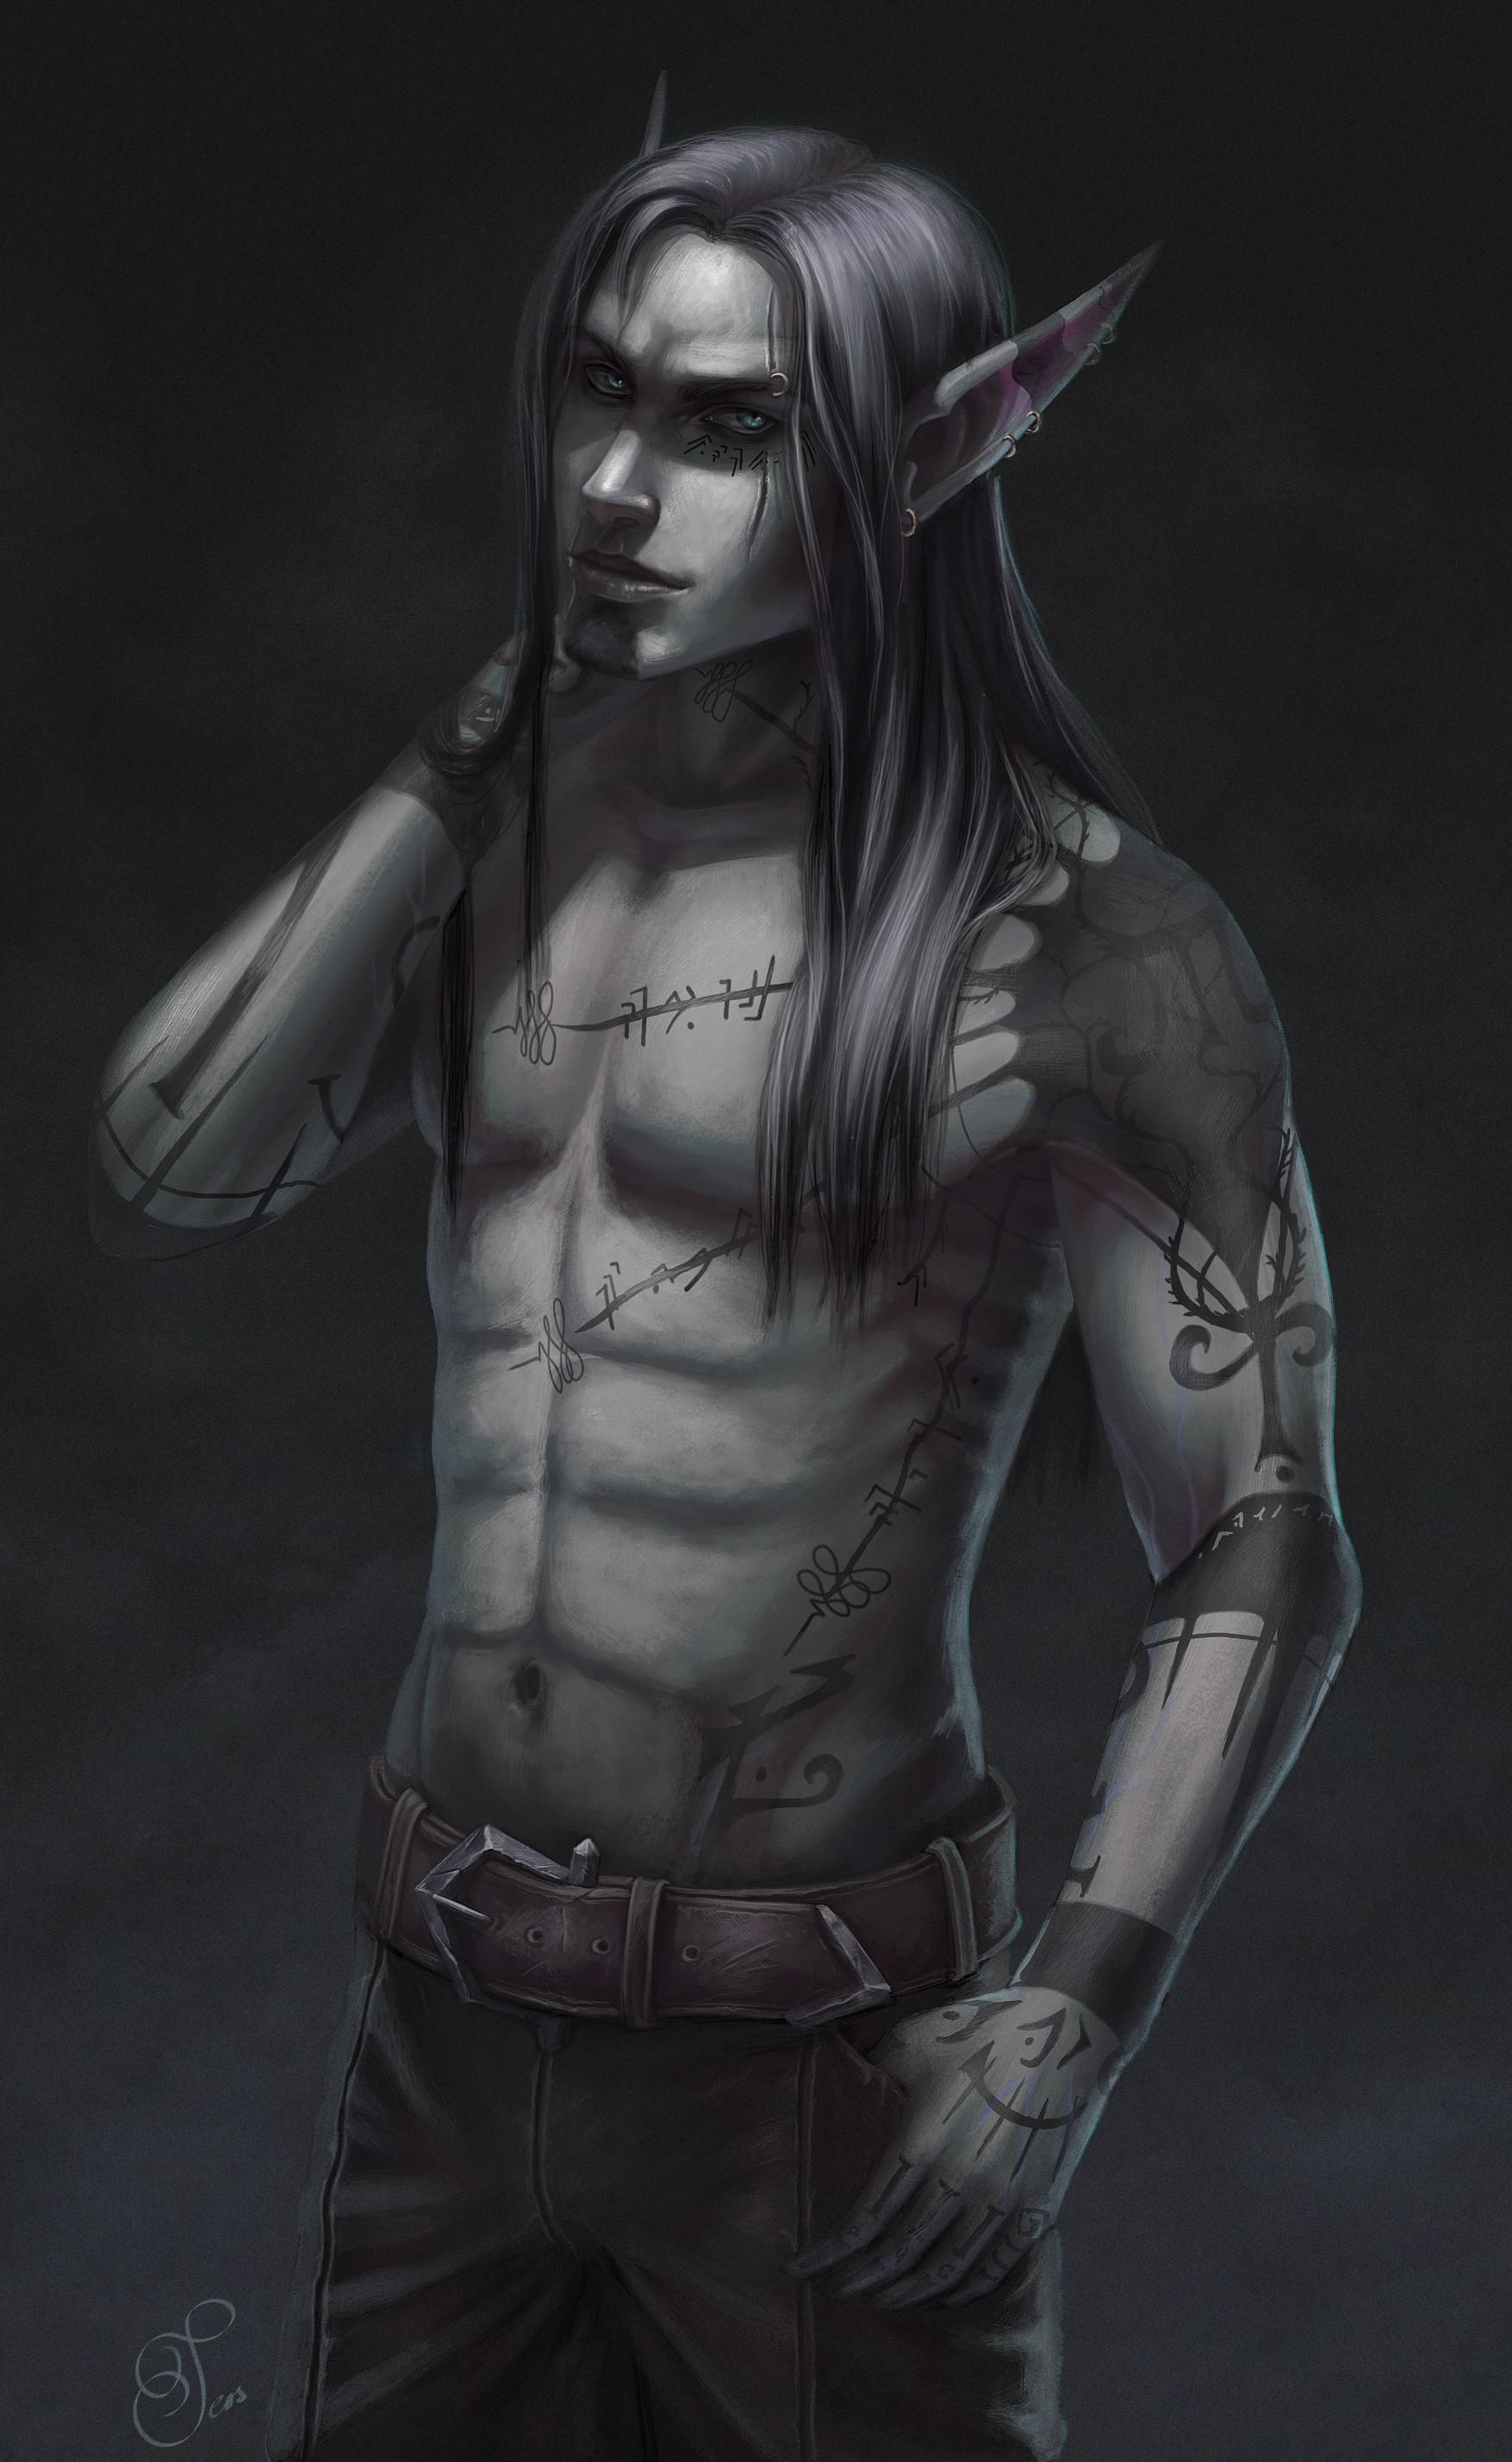 Tess eisinger jericho waistup tattoos